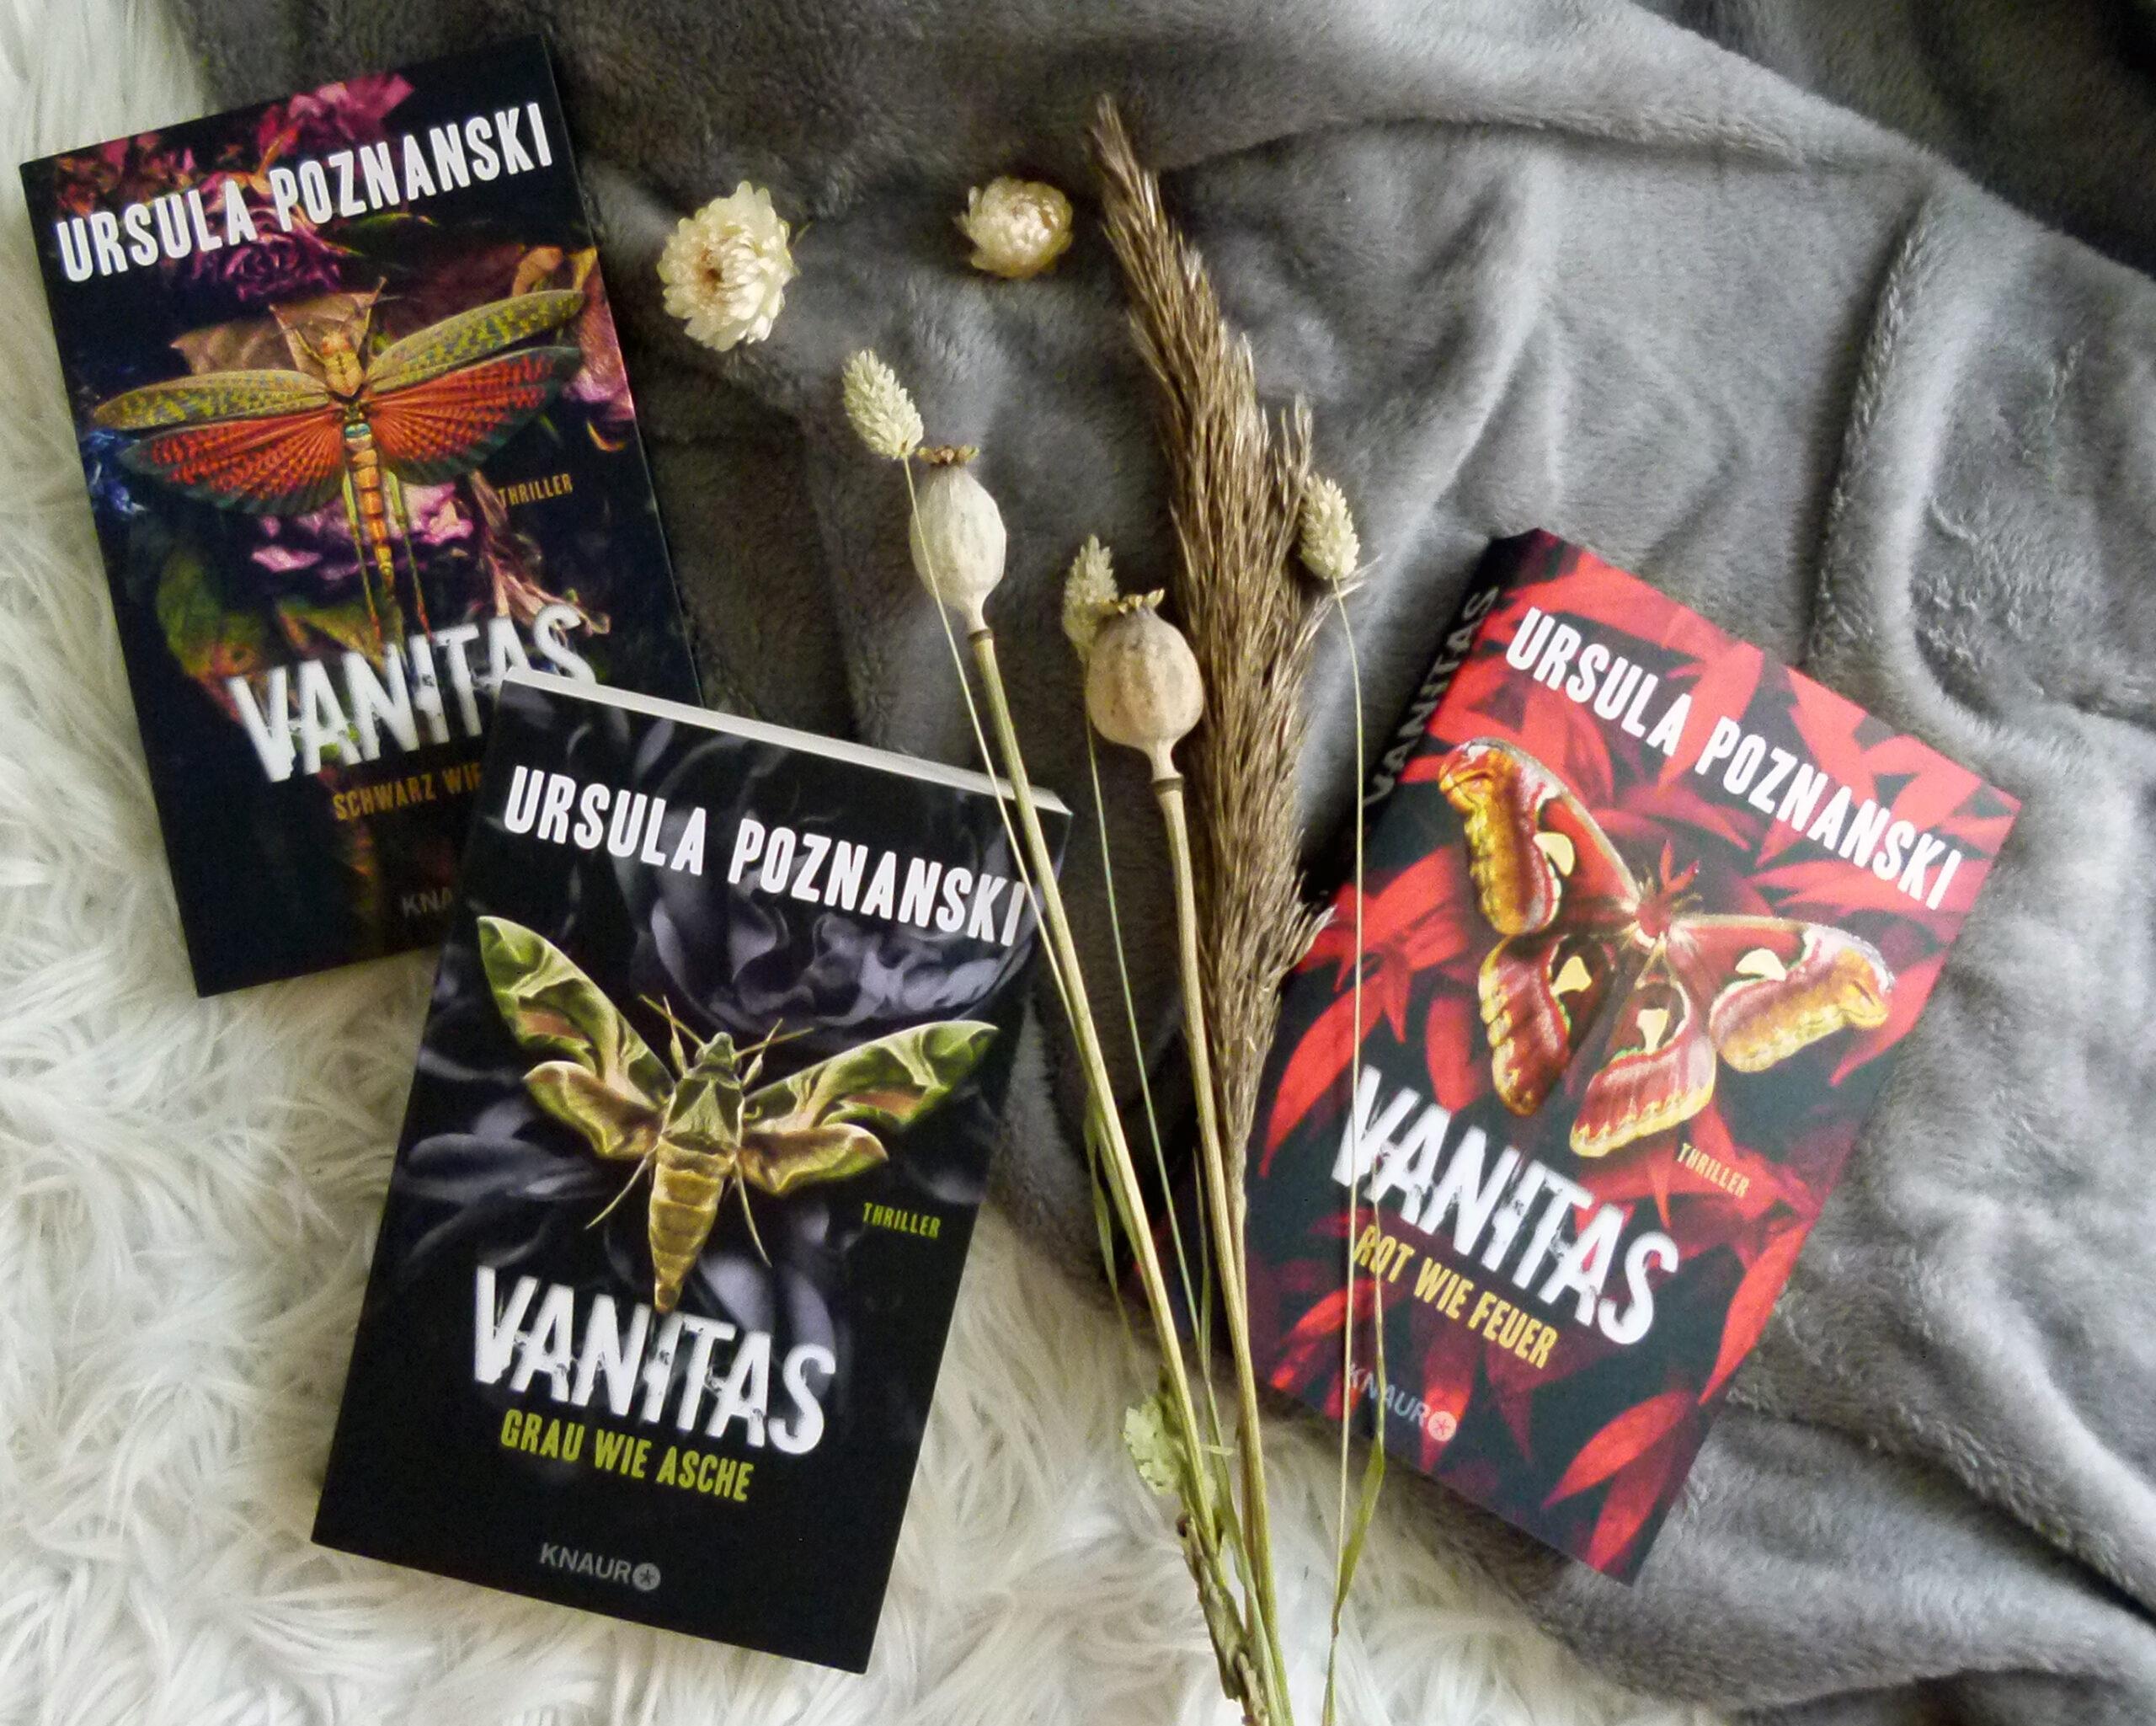 Die drei Bücher der Thriller-Trilogie liegen nebeneinander auf einem weiß-grauen Hintergrund. Zwei Bücher liegen linkerhand, das andere rechts. Dazwischen liegen Trockenblumen (hauptsächlich Gröser).